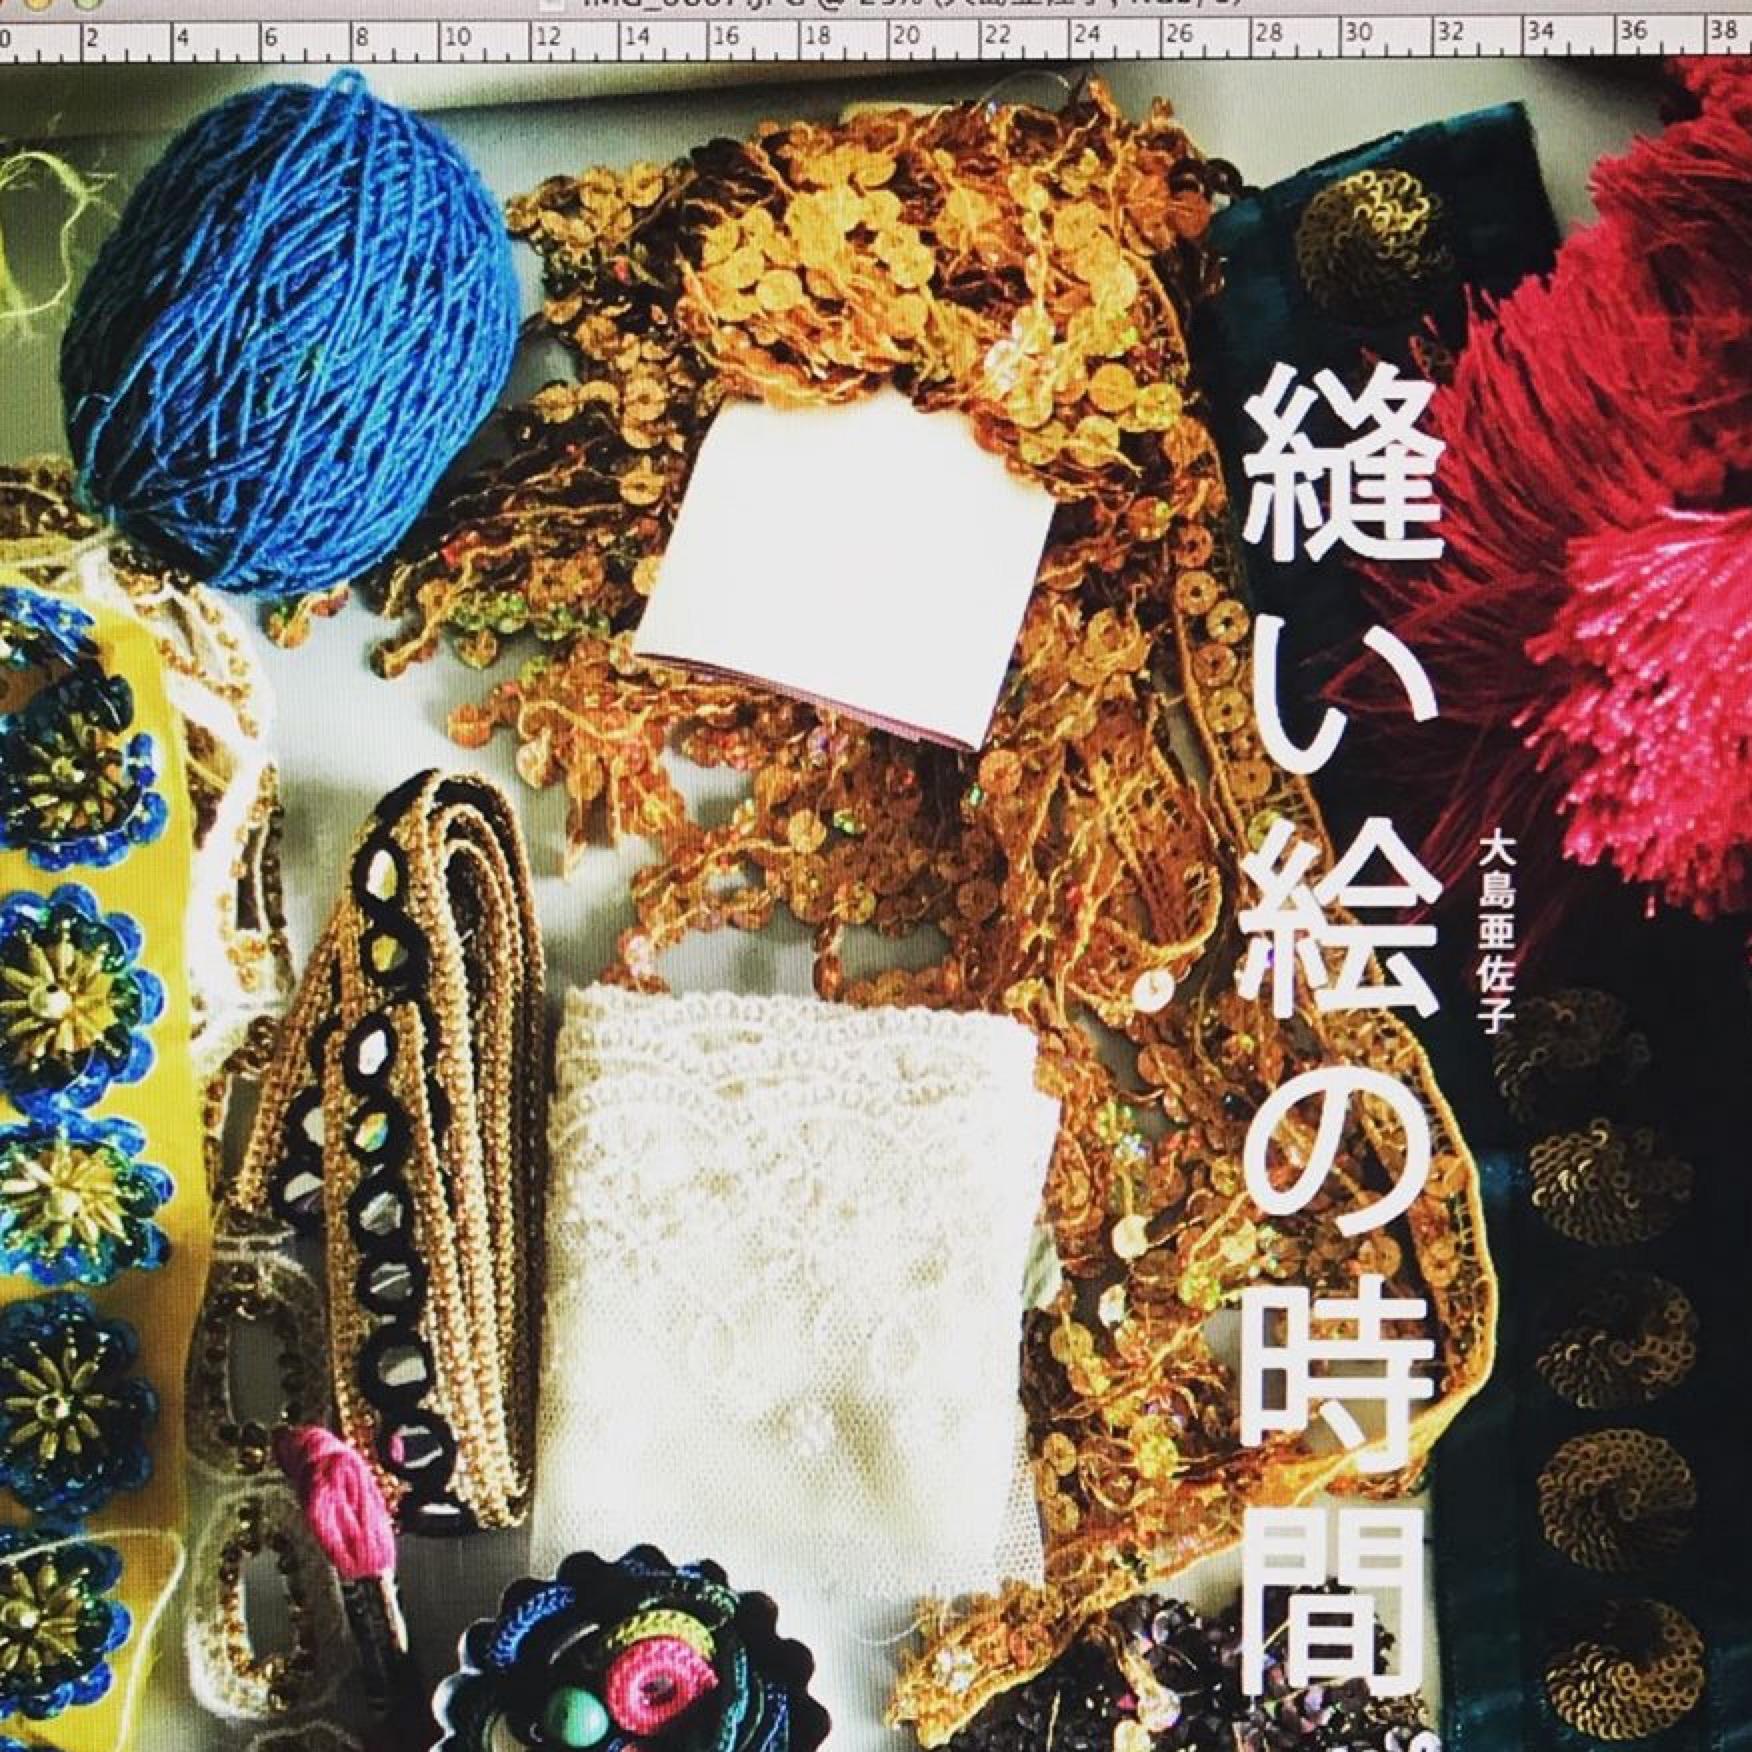 @Asakoohshima Profile Image | Linktree